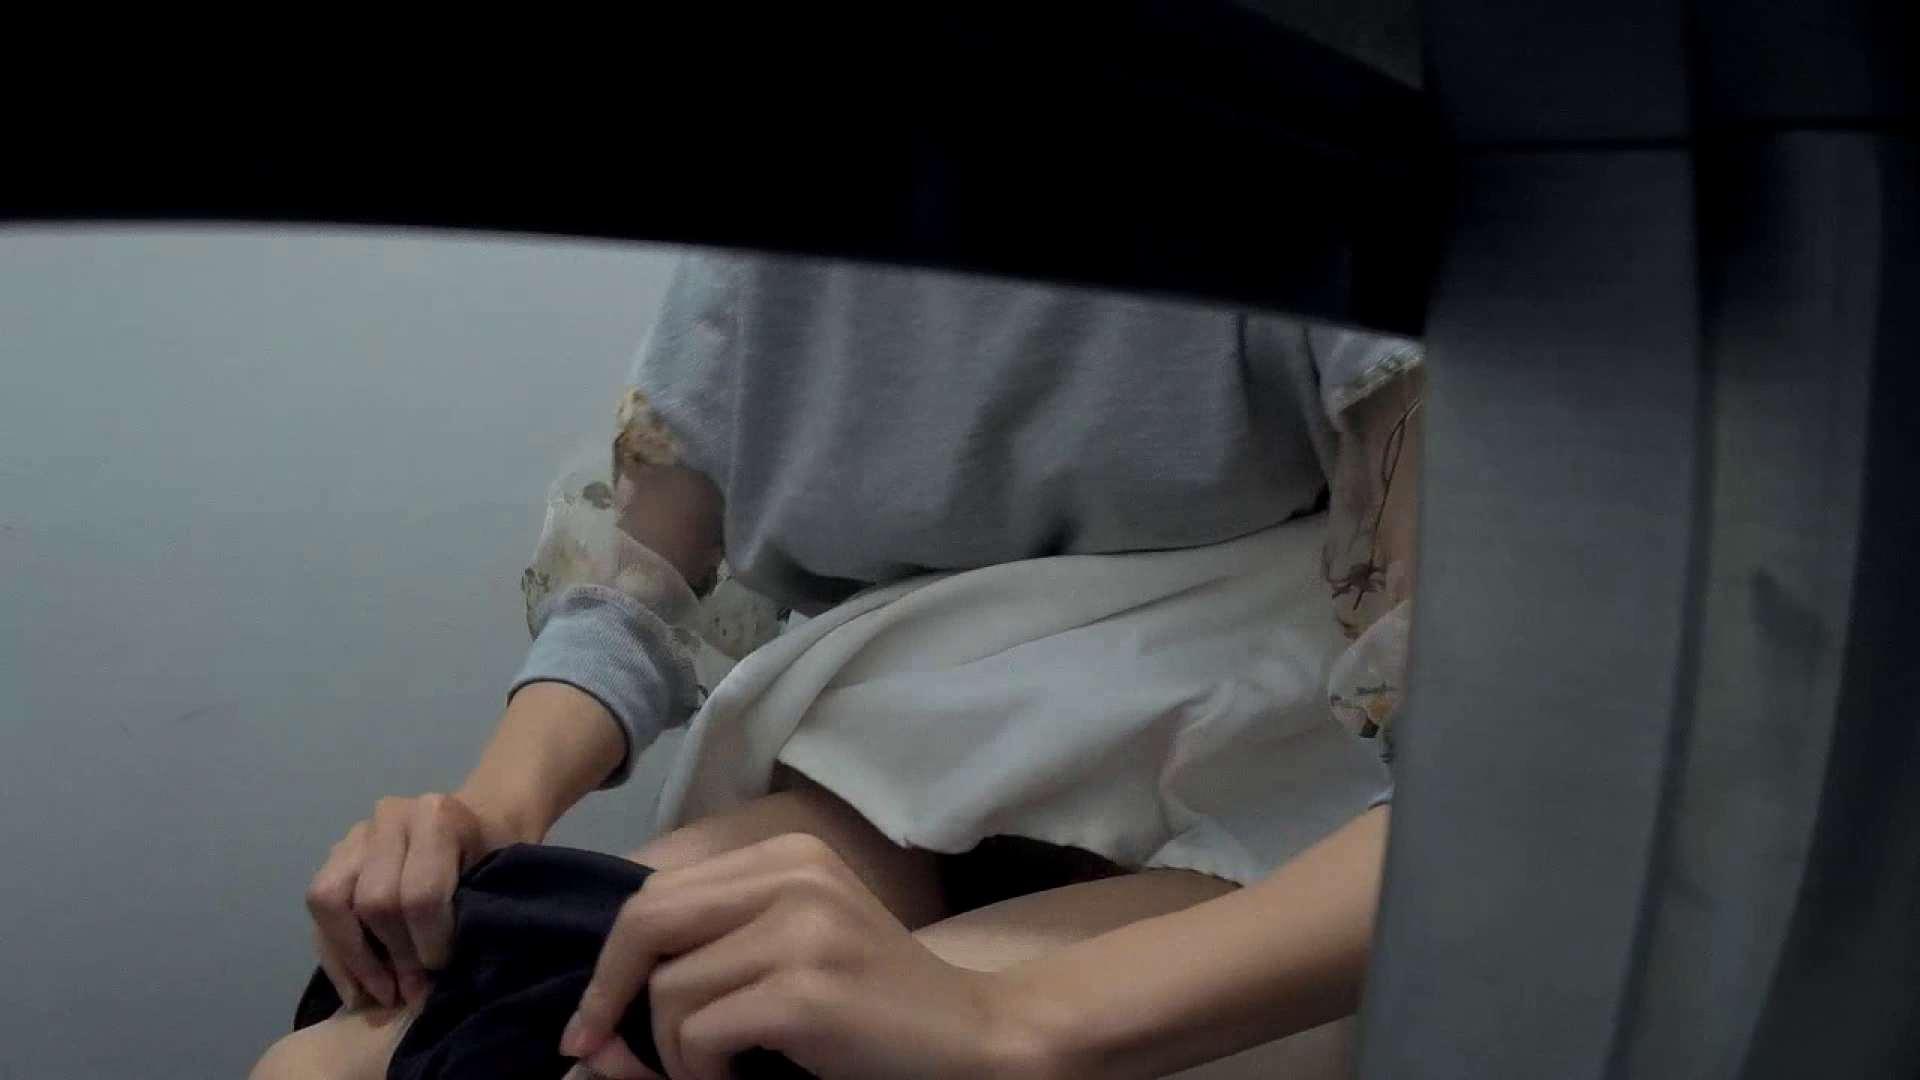 有名大学女性洗面所 vol.40 ??おまじない的な動きをする子がいます。 洗面所 オメコ動画キャプチャ 51画像 4